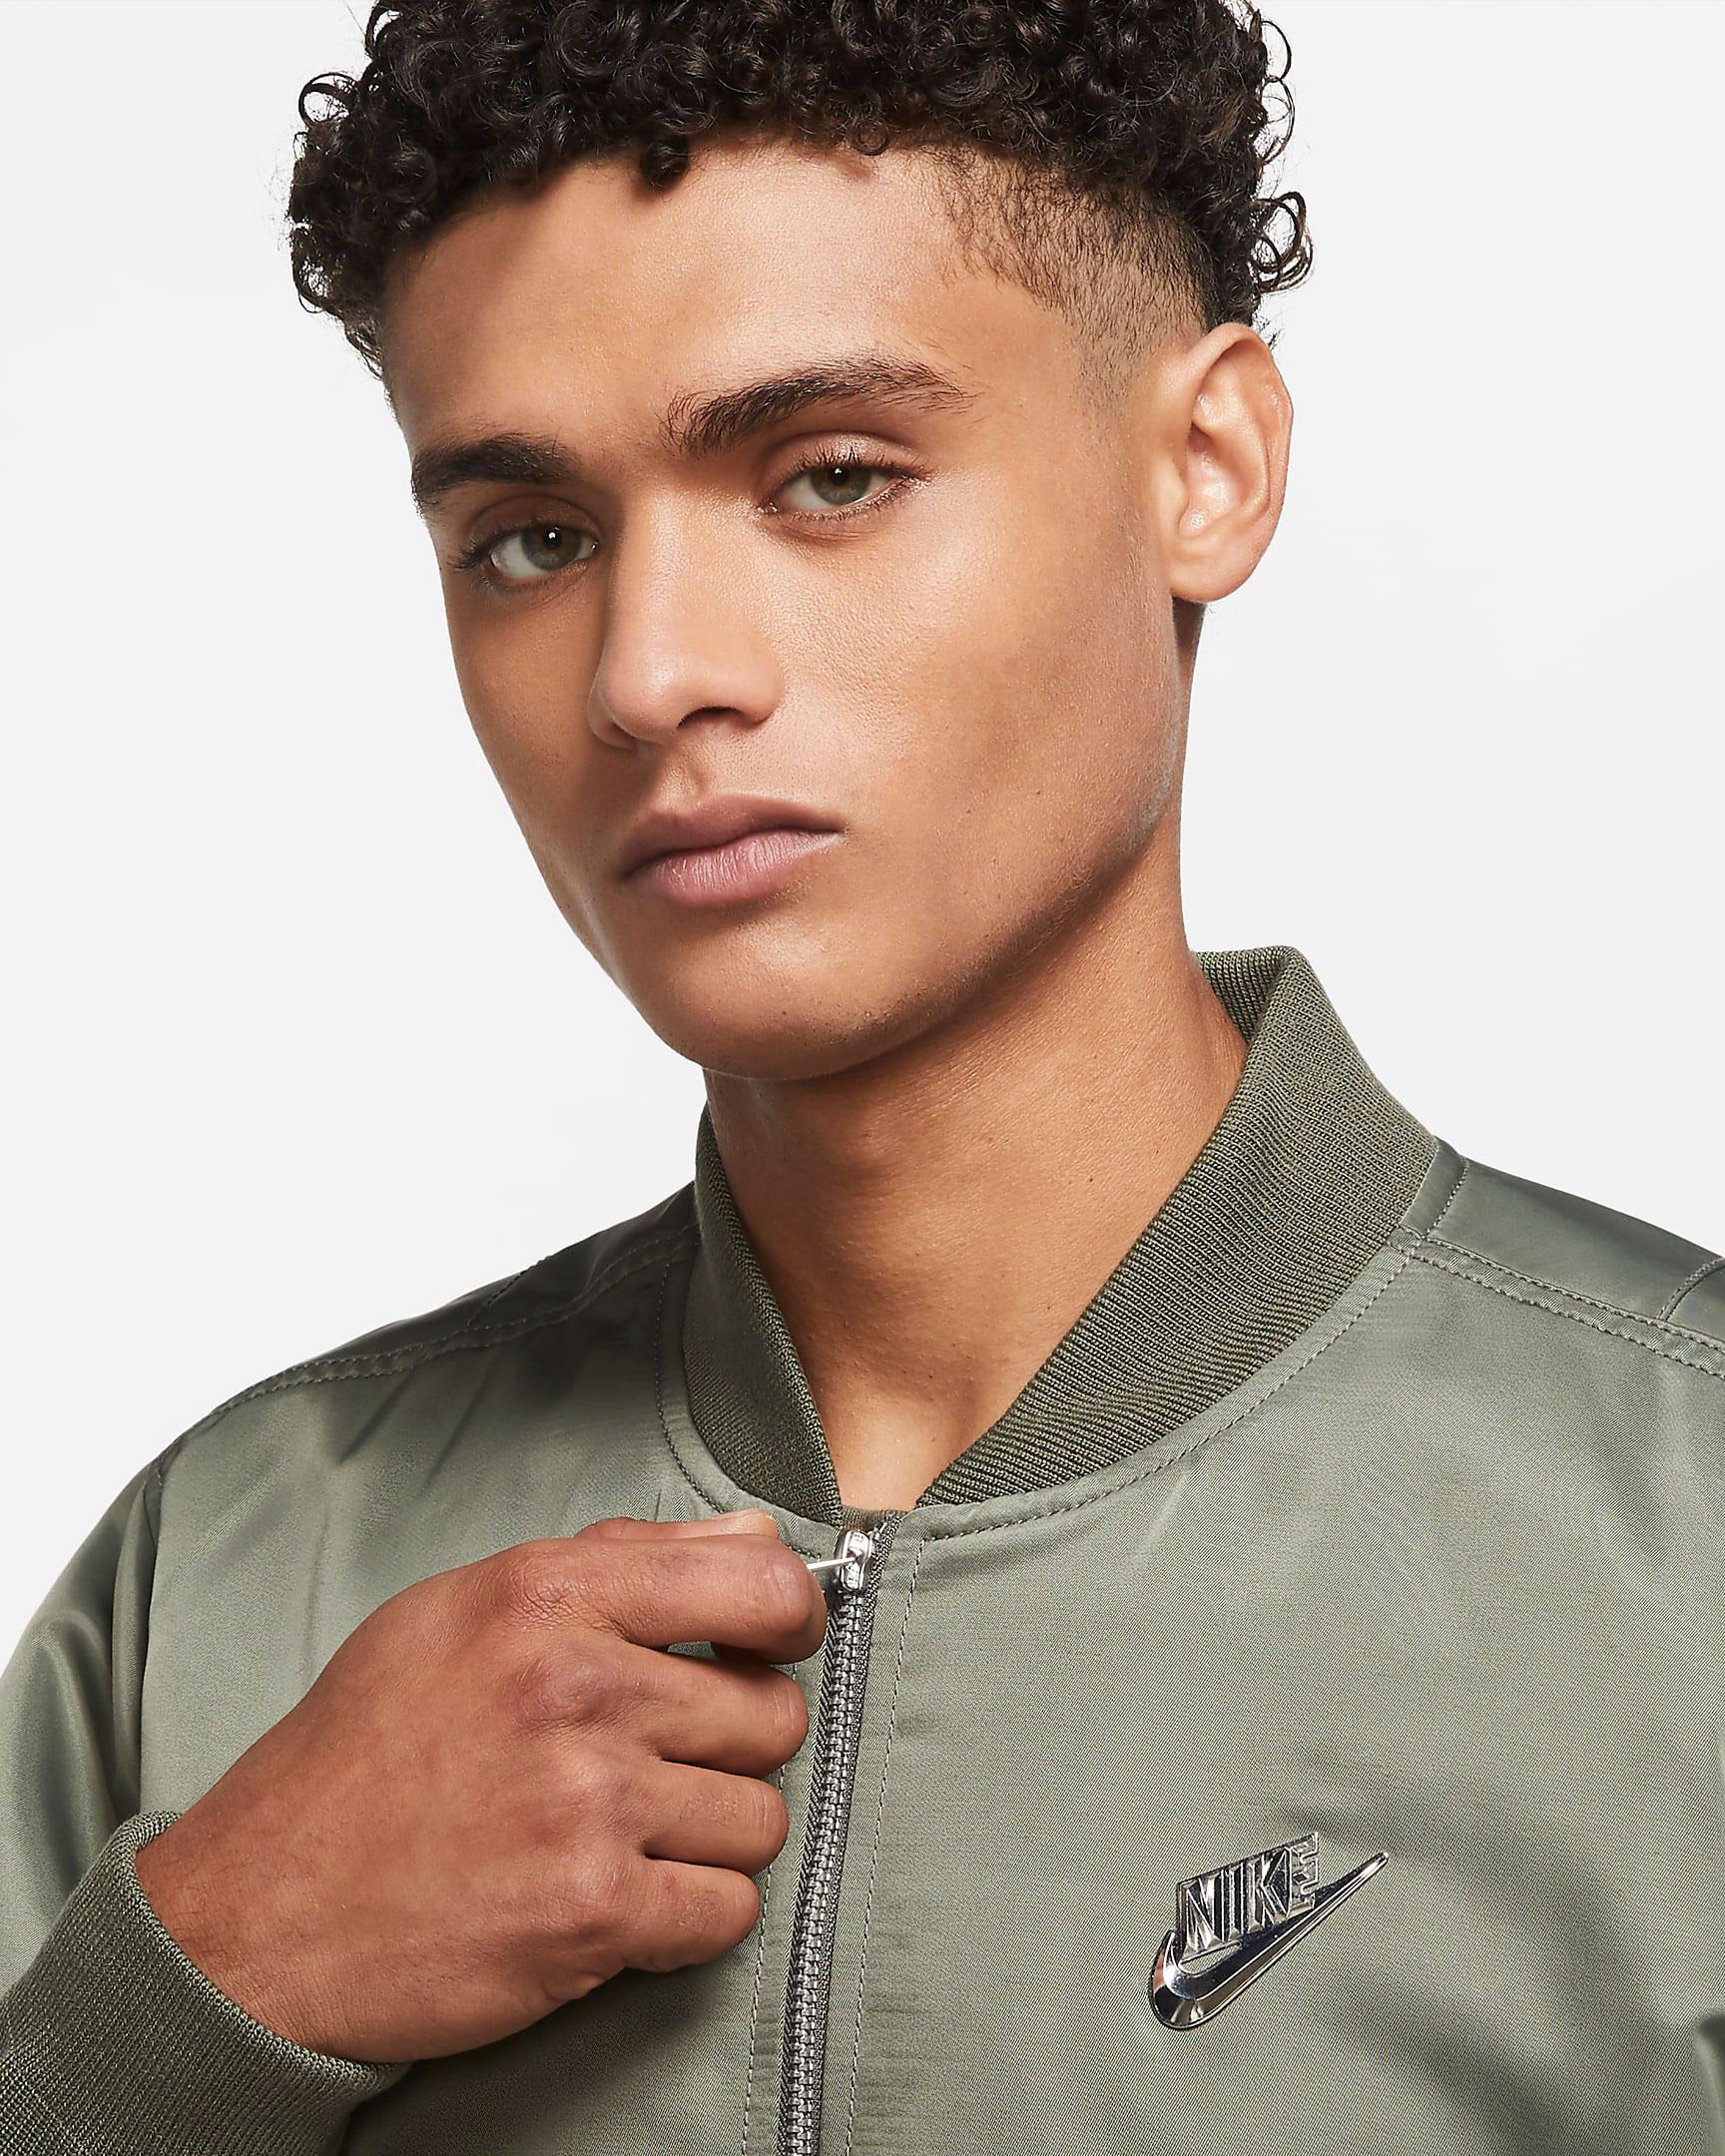 nike-sportswear-punk-bomber-jacket-2